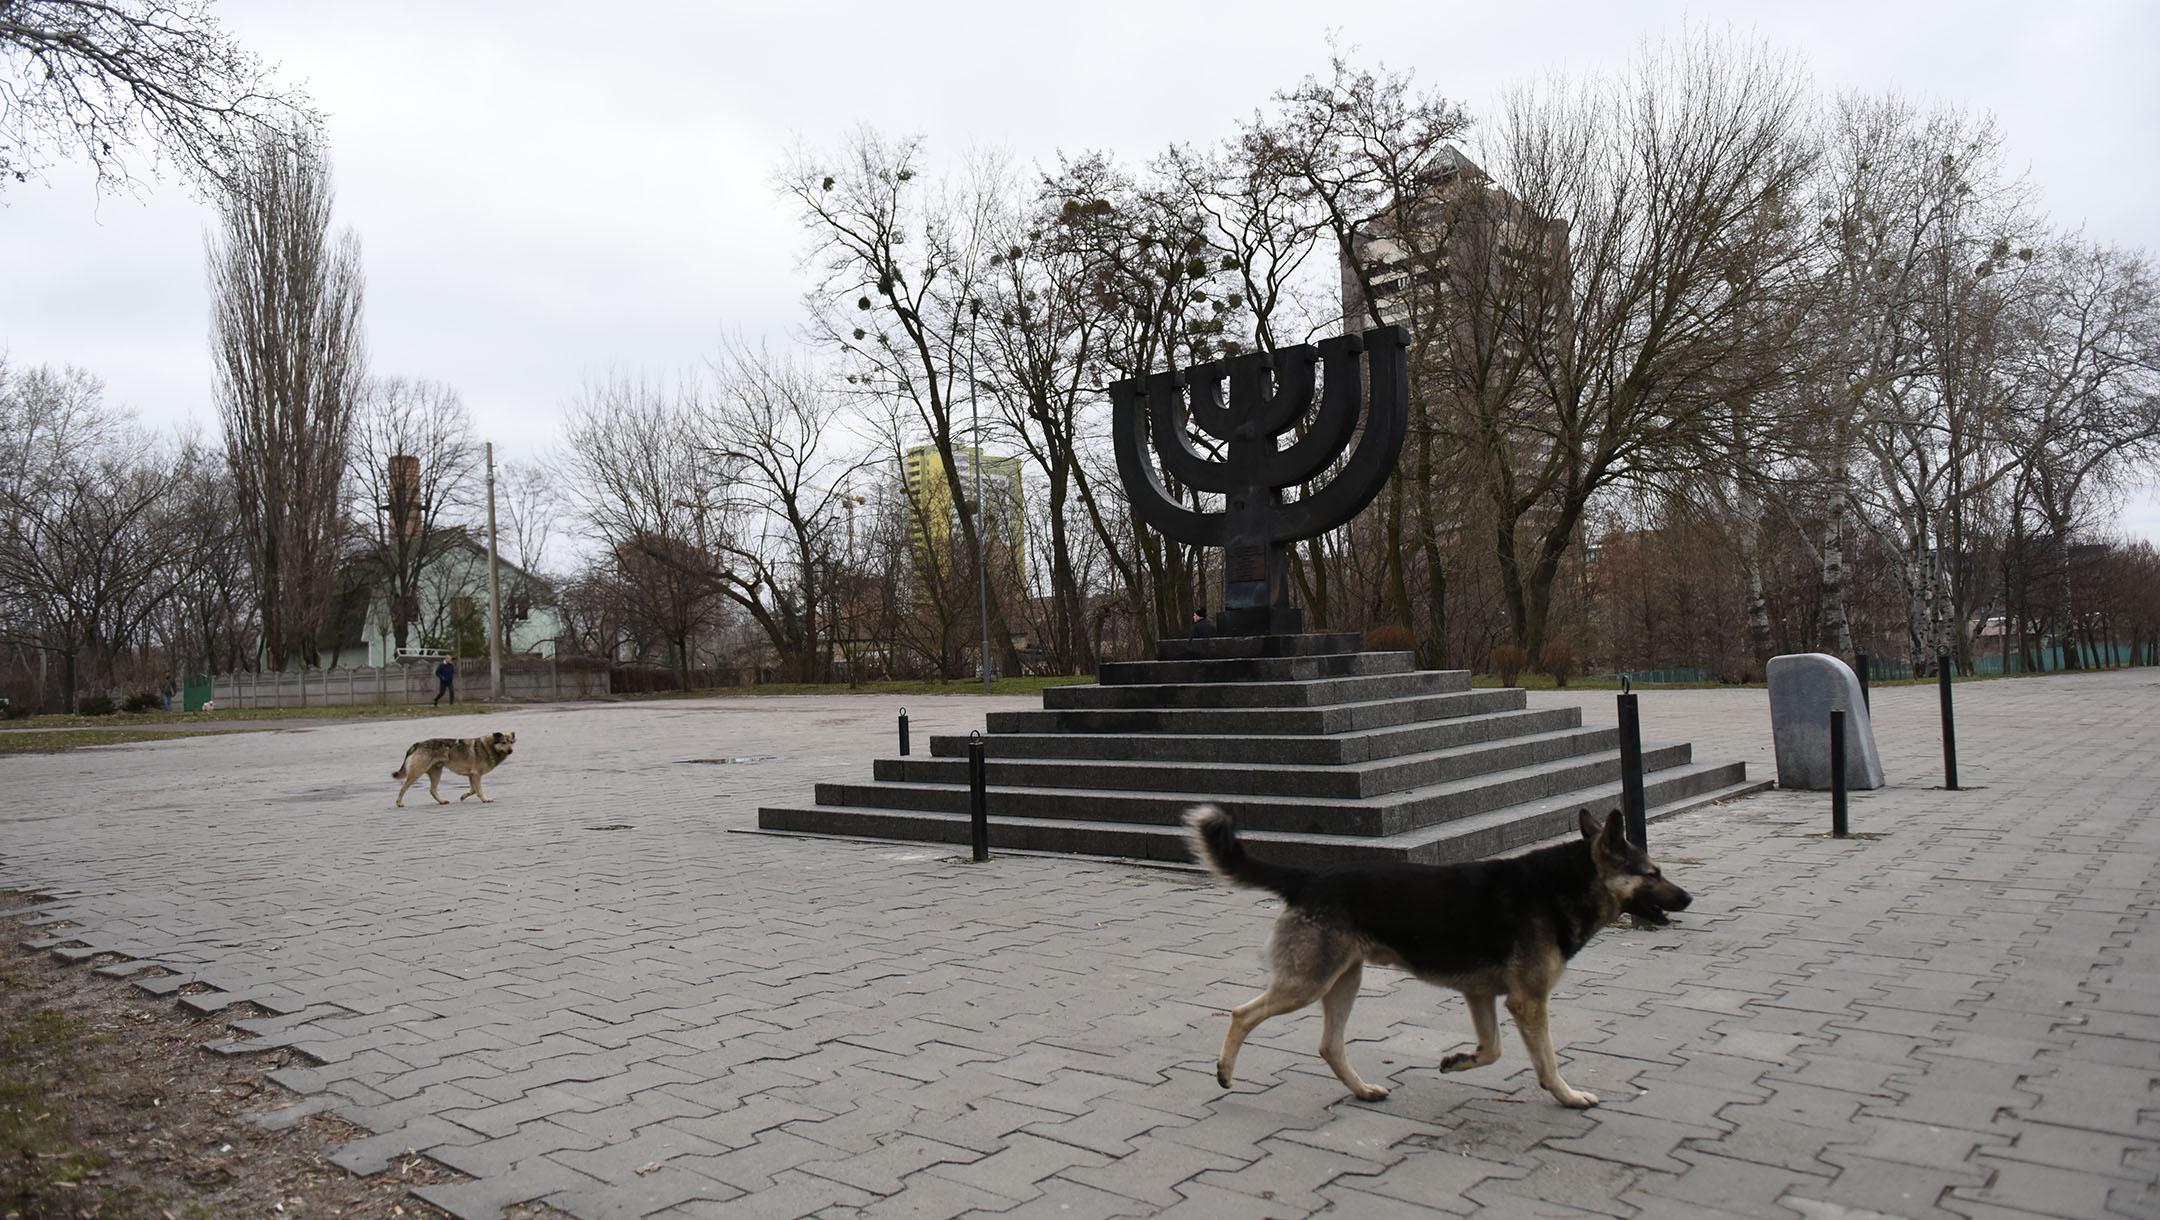 Бродячі собаки бродять біля пам'ятника Бабиного Яру 14 березня 2016 року в Києві, де нацисти і місцеві колаборанти вбили 30 000 євреїв у 1941 році (Cnaan Liphshiz)